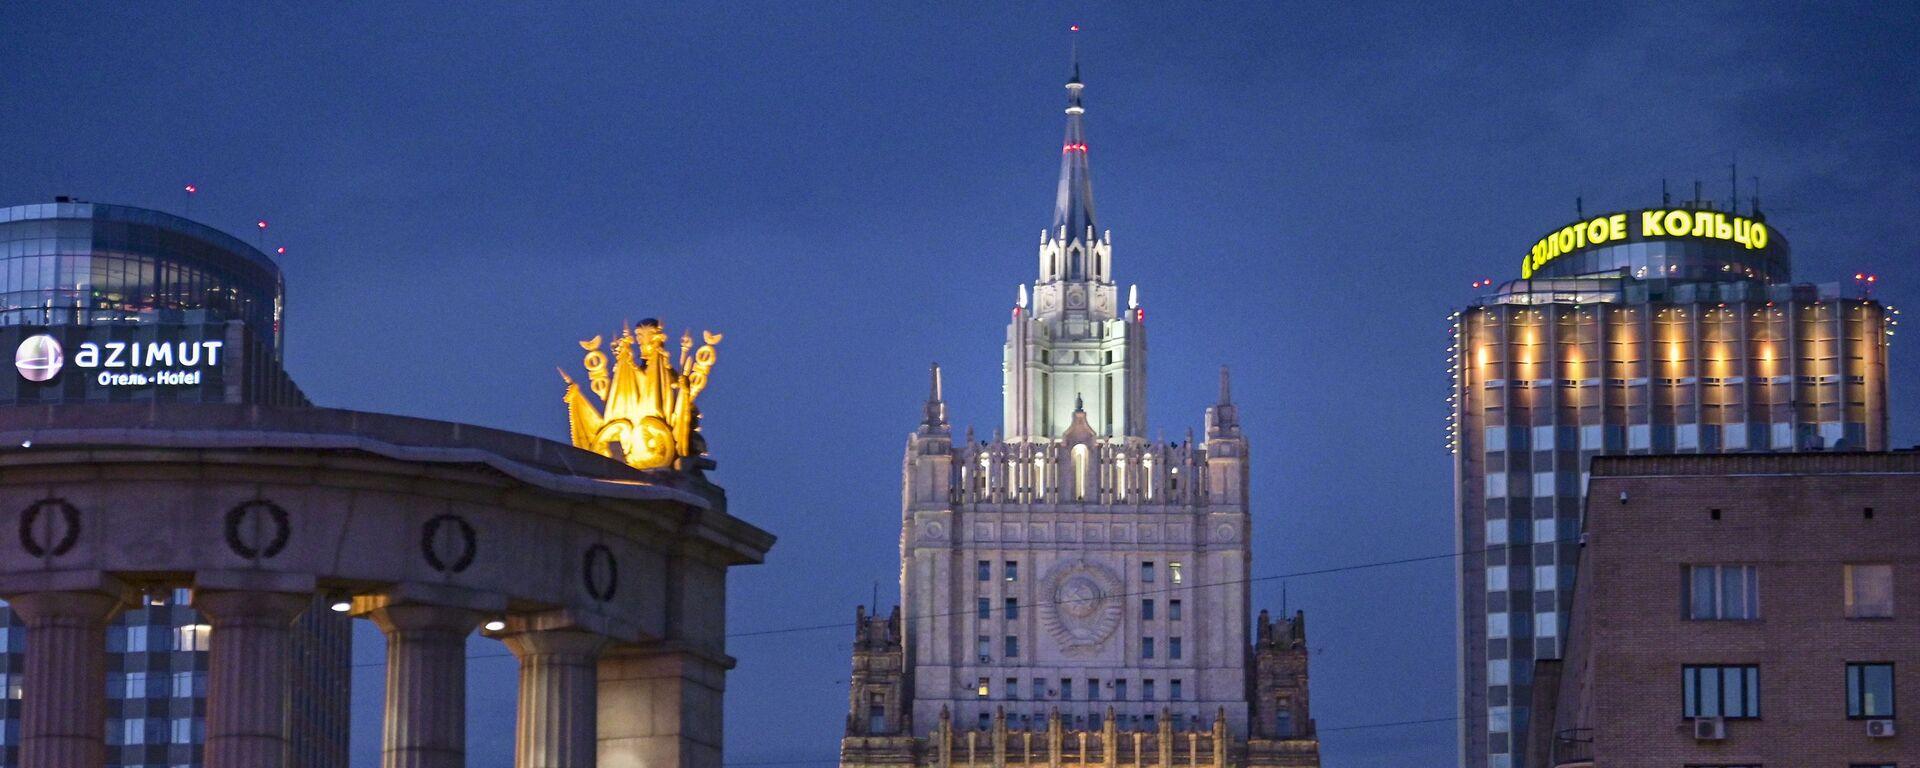 El Ministerio de Asuntos Exteriores de Rusia - Sputnik Mundo, 1920, 10.09.2021